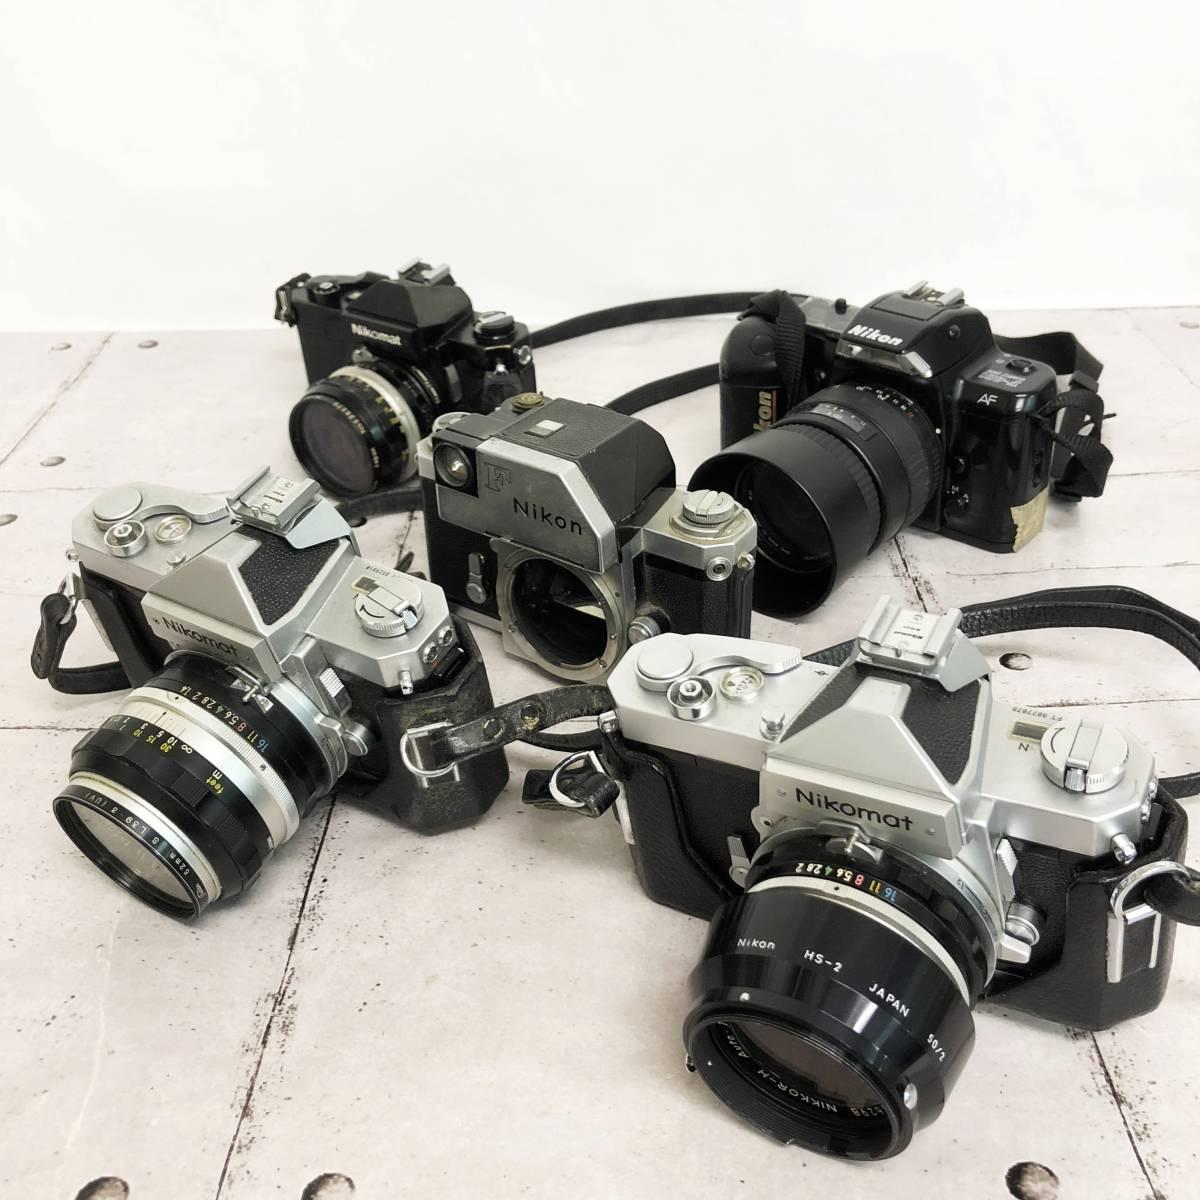 ニコン ニコマット カメラ 5台セット(ニコマット×2台・ニコンF・ニコン F-401)動作未確認 ジャンク品